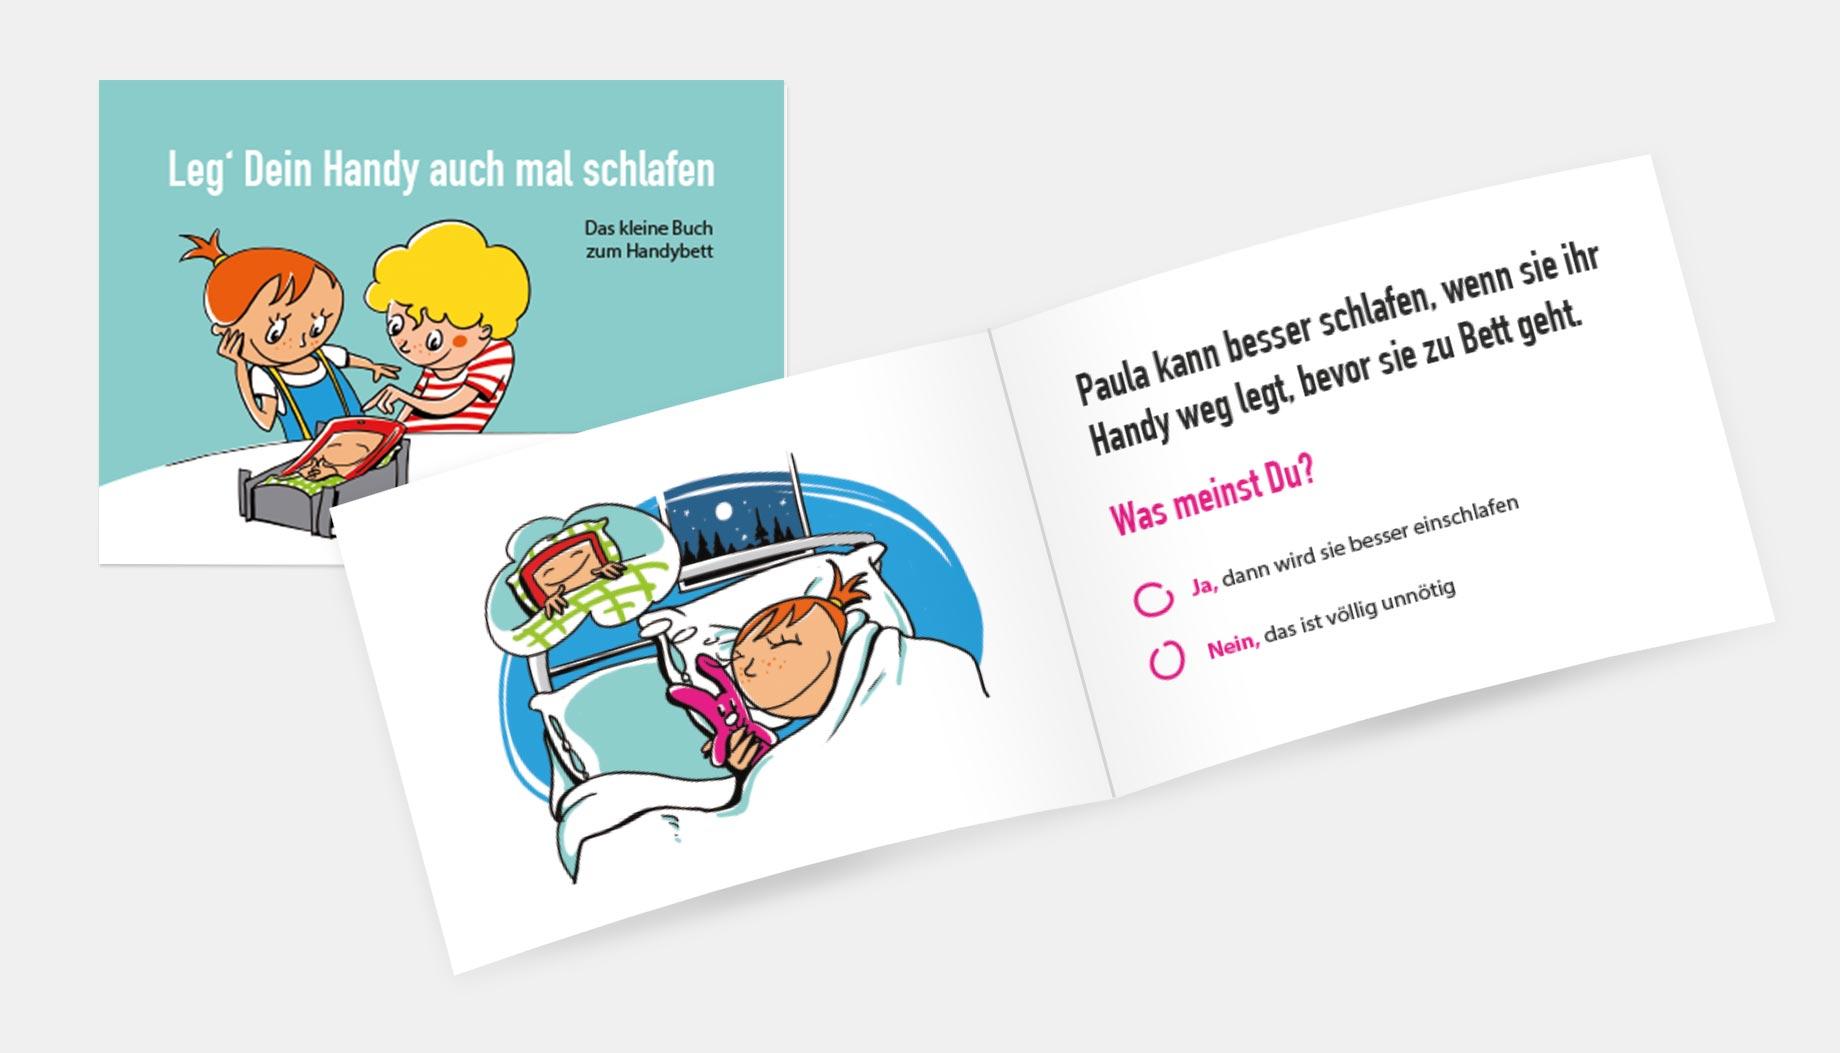 Paula & Max als Büchlein für den bewussten Umgang mit dem Smartphone